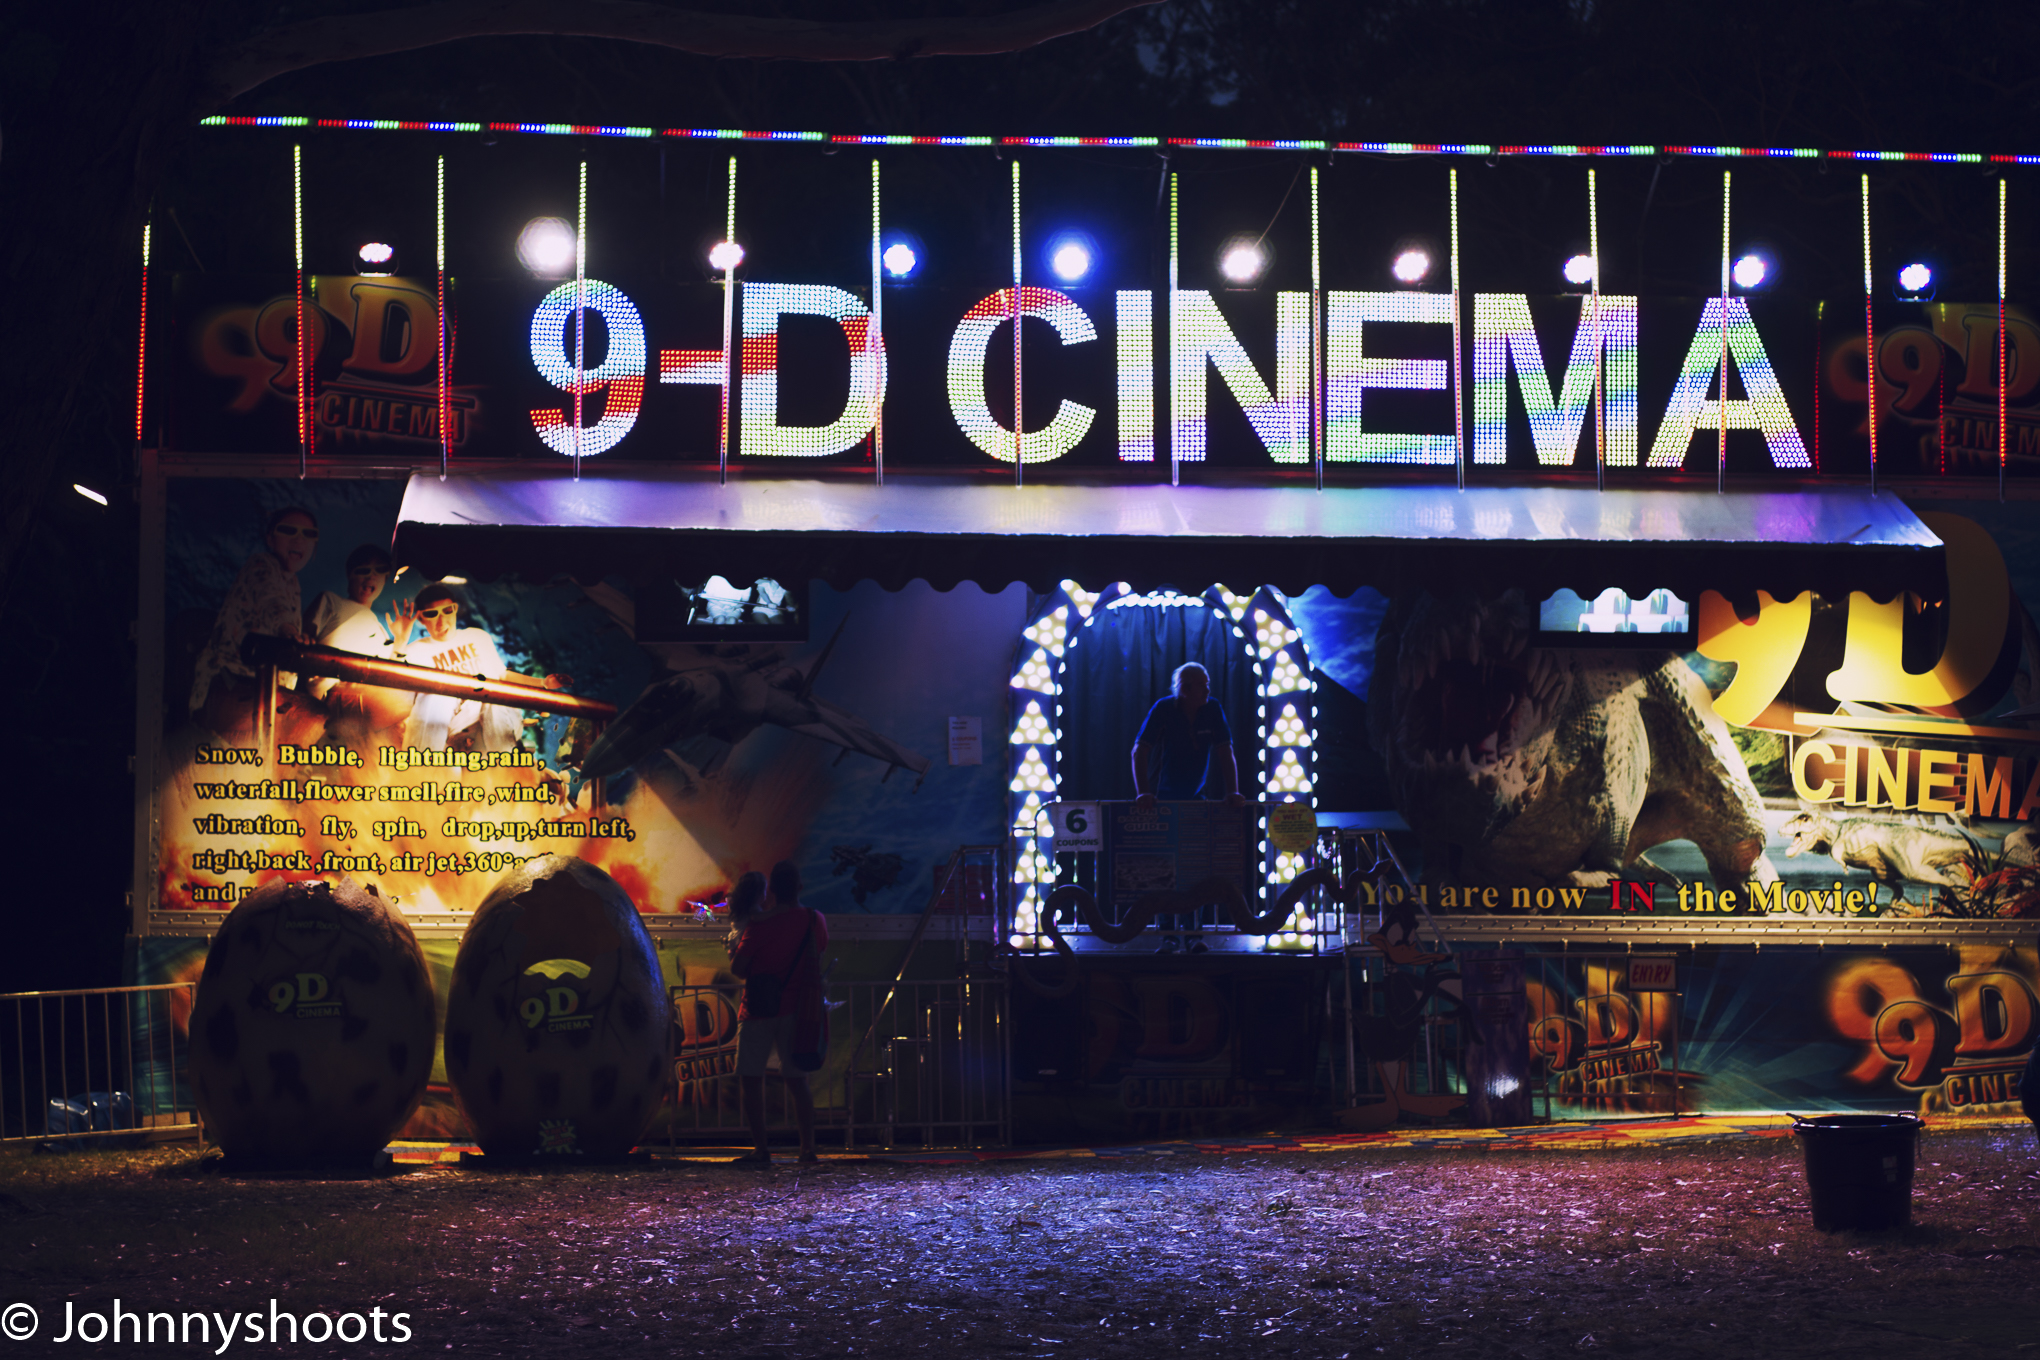 9D Cinema- cool better than 4K